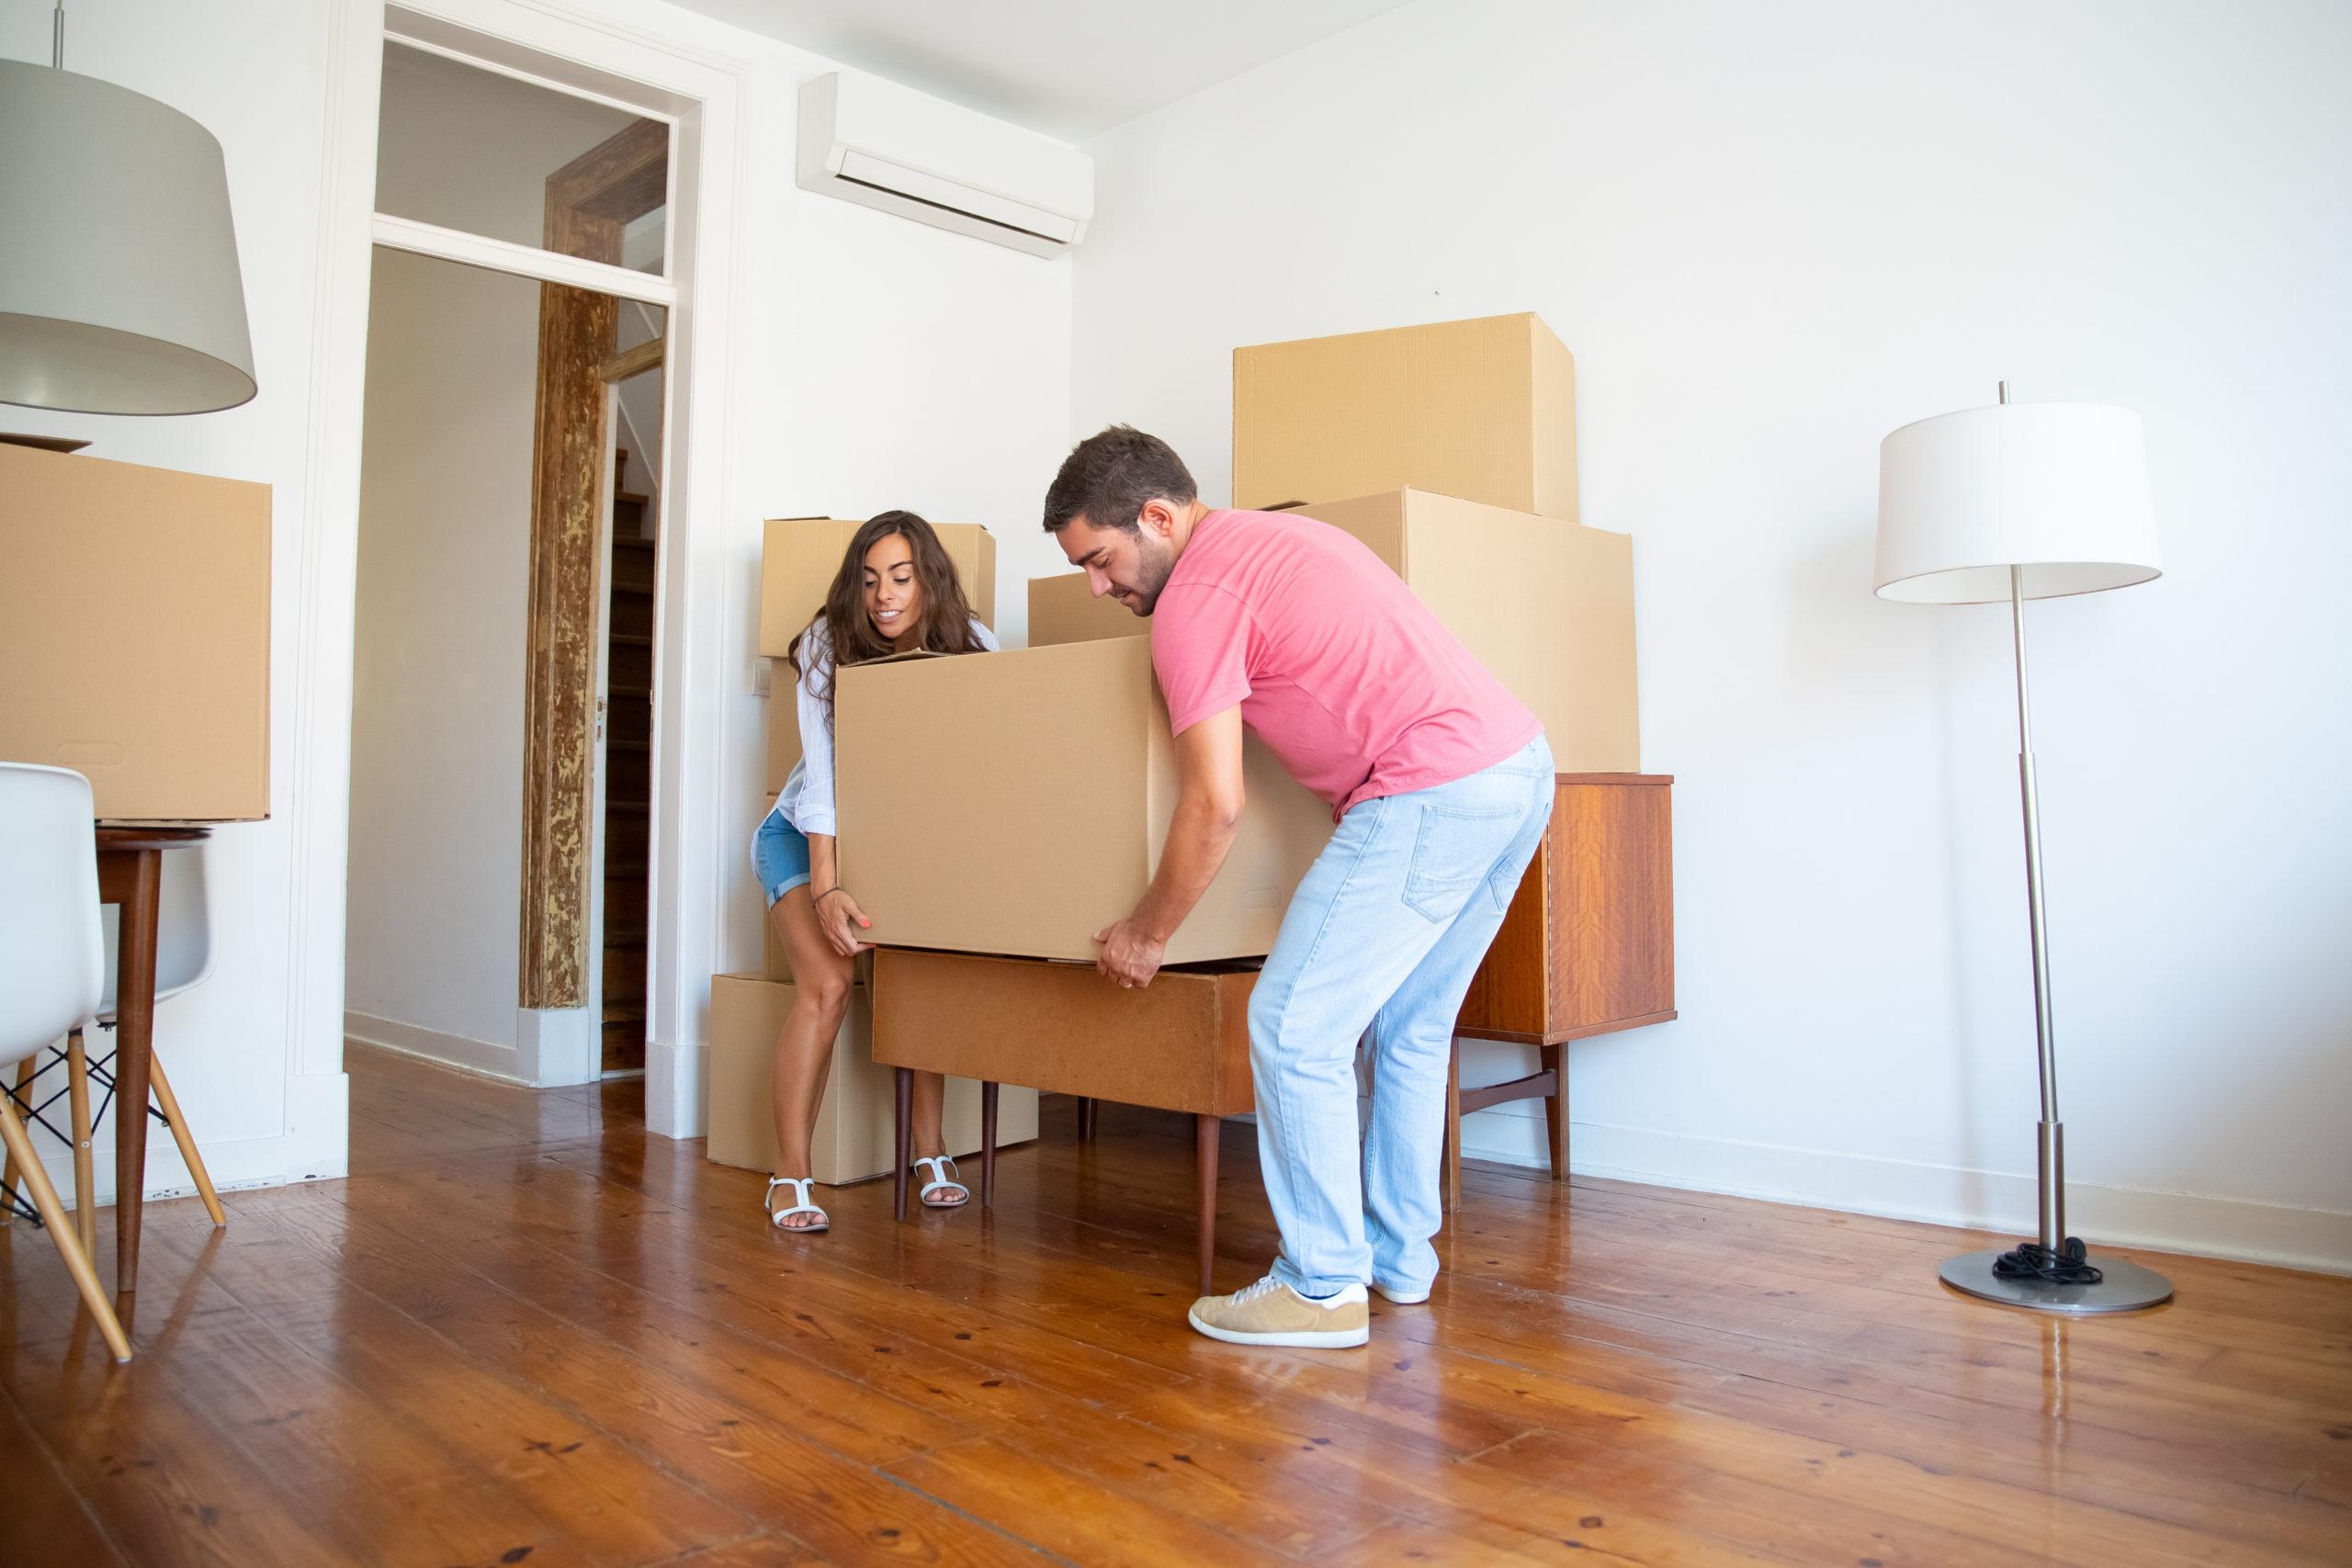 Young Hispanic couple moving into new apartment. Инвестиции в недвижимость